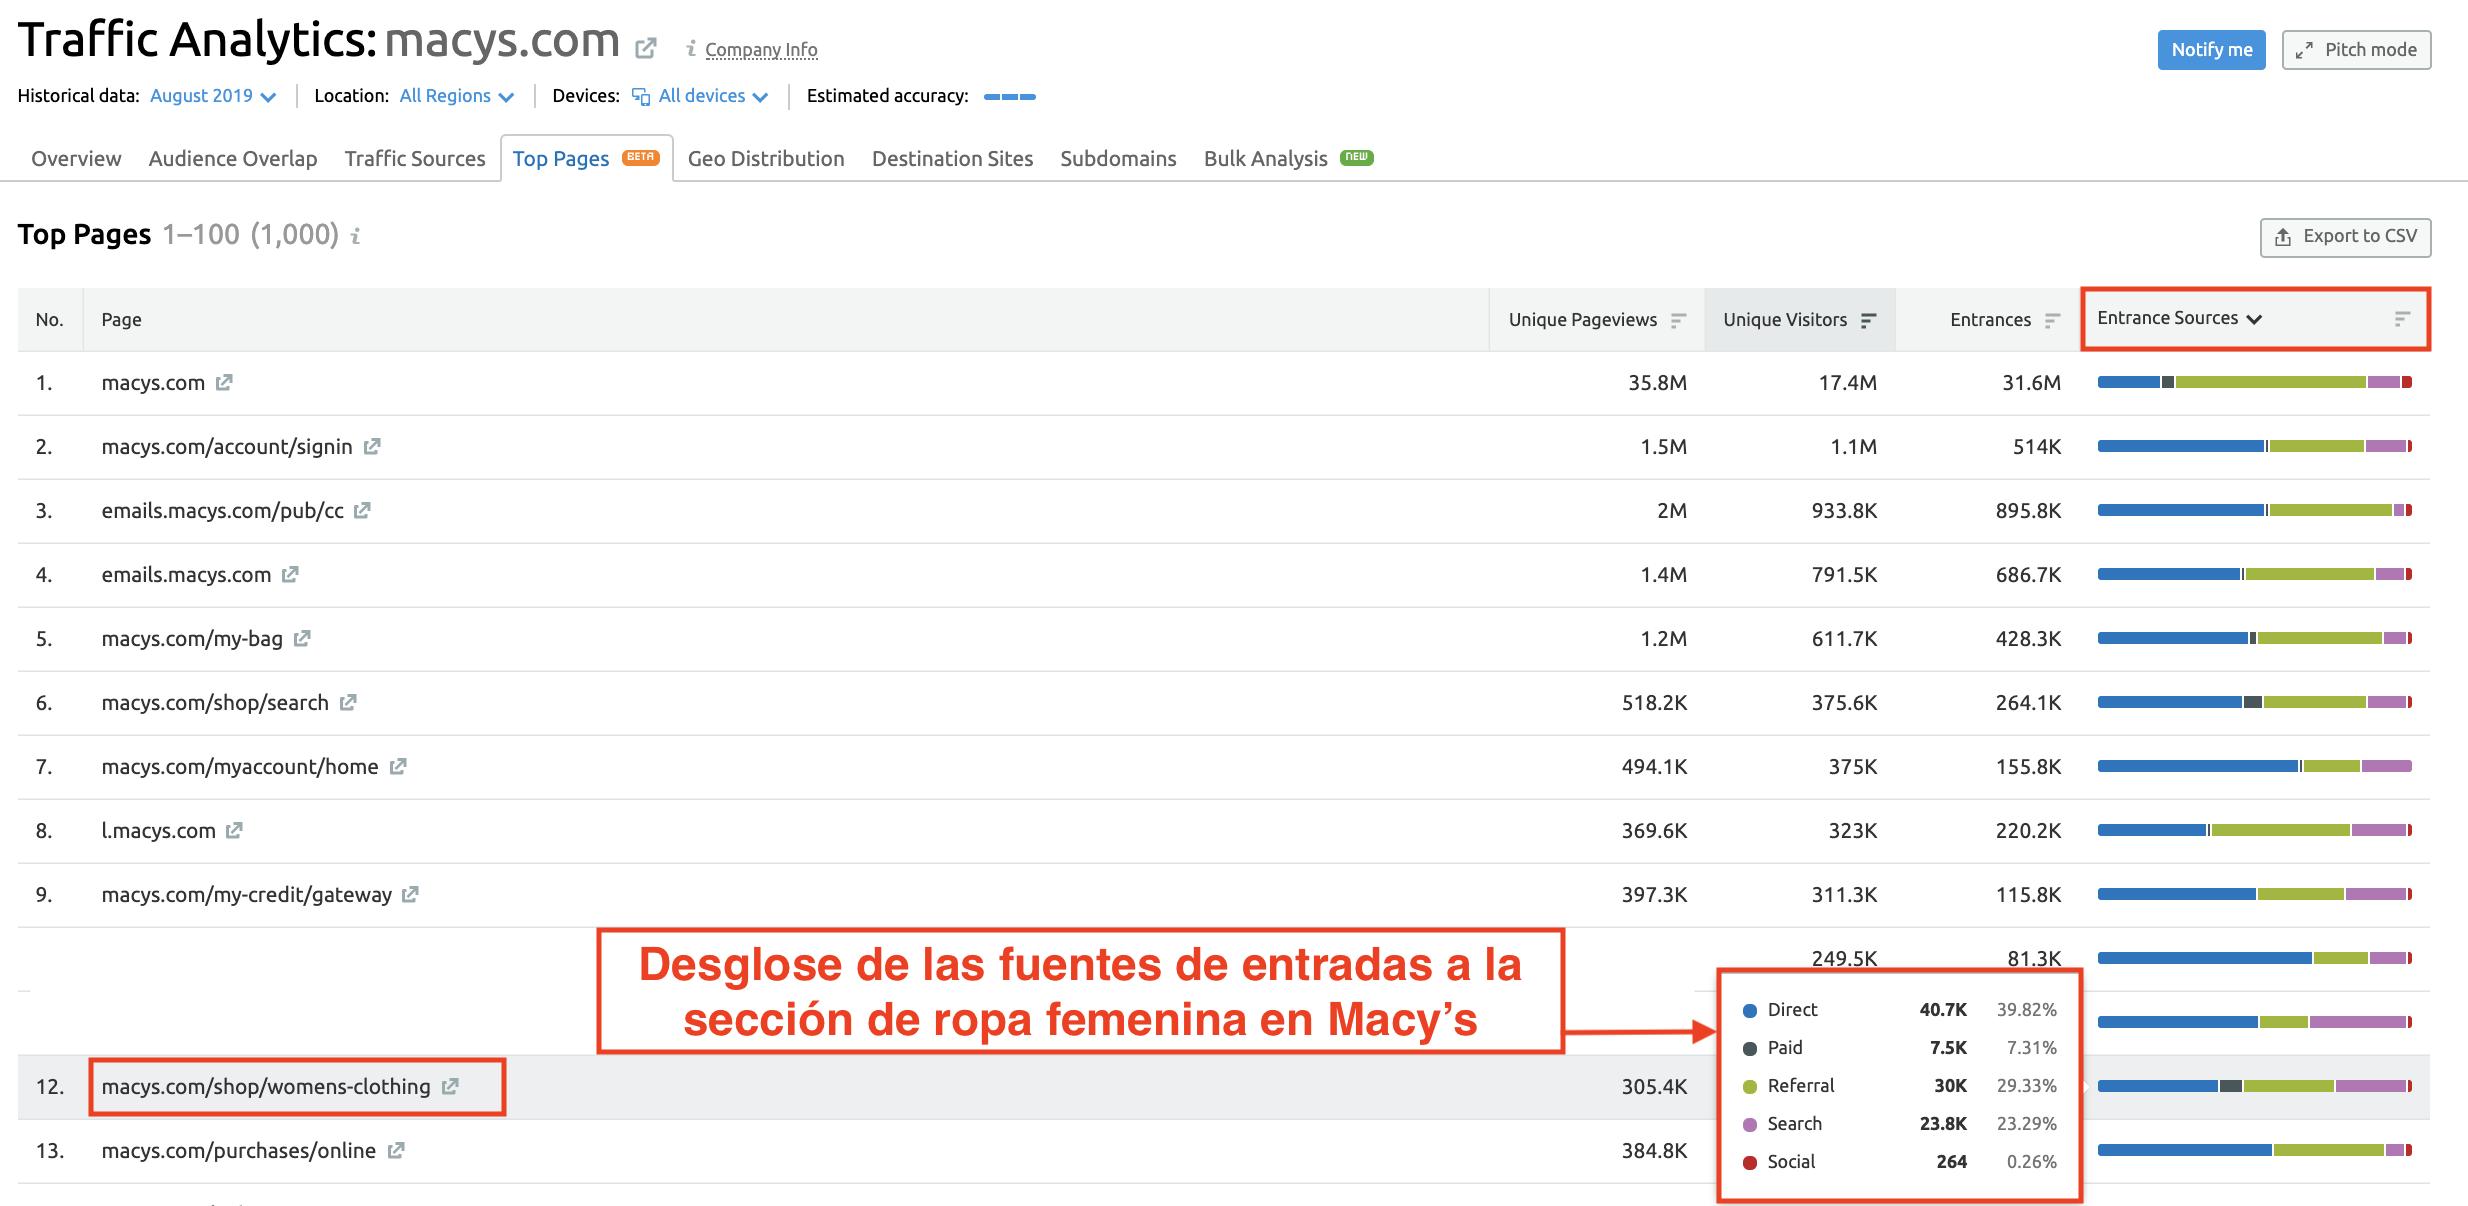 paginas de competidores traffic analytics generacion trafico